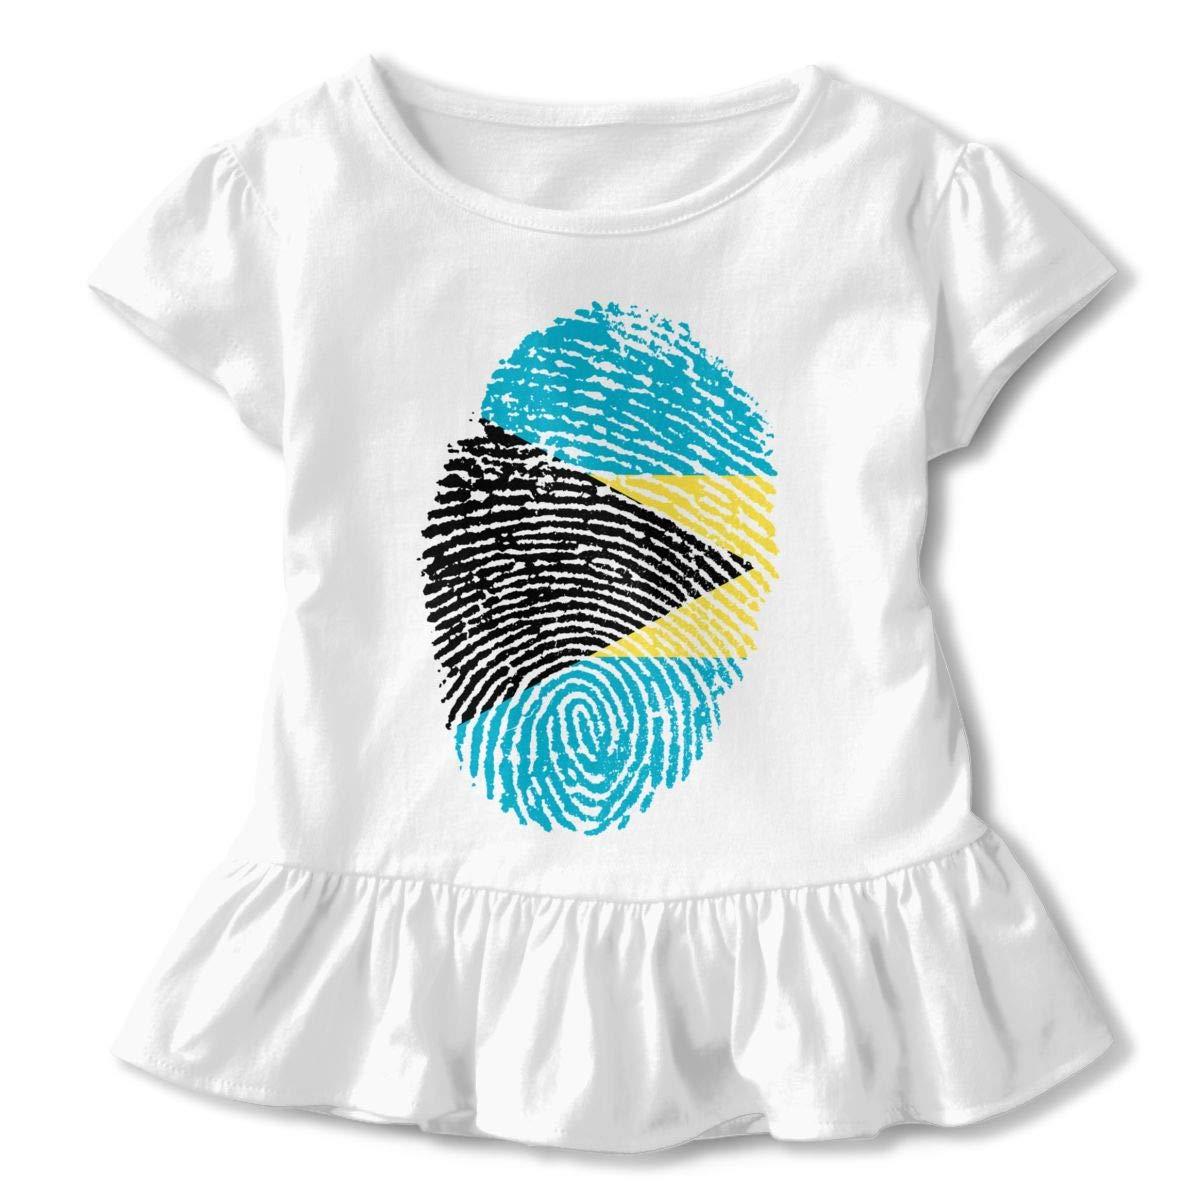 JVNSS Bahamas Flag Fingerprint DNA Shirt Comfort Kids Flounced T Shirts Graphic T-Shirt for 2-6T Kids Girls